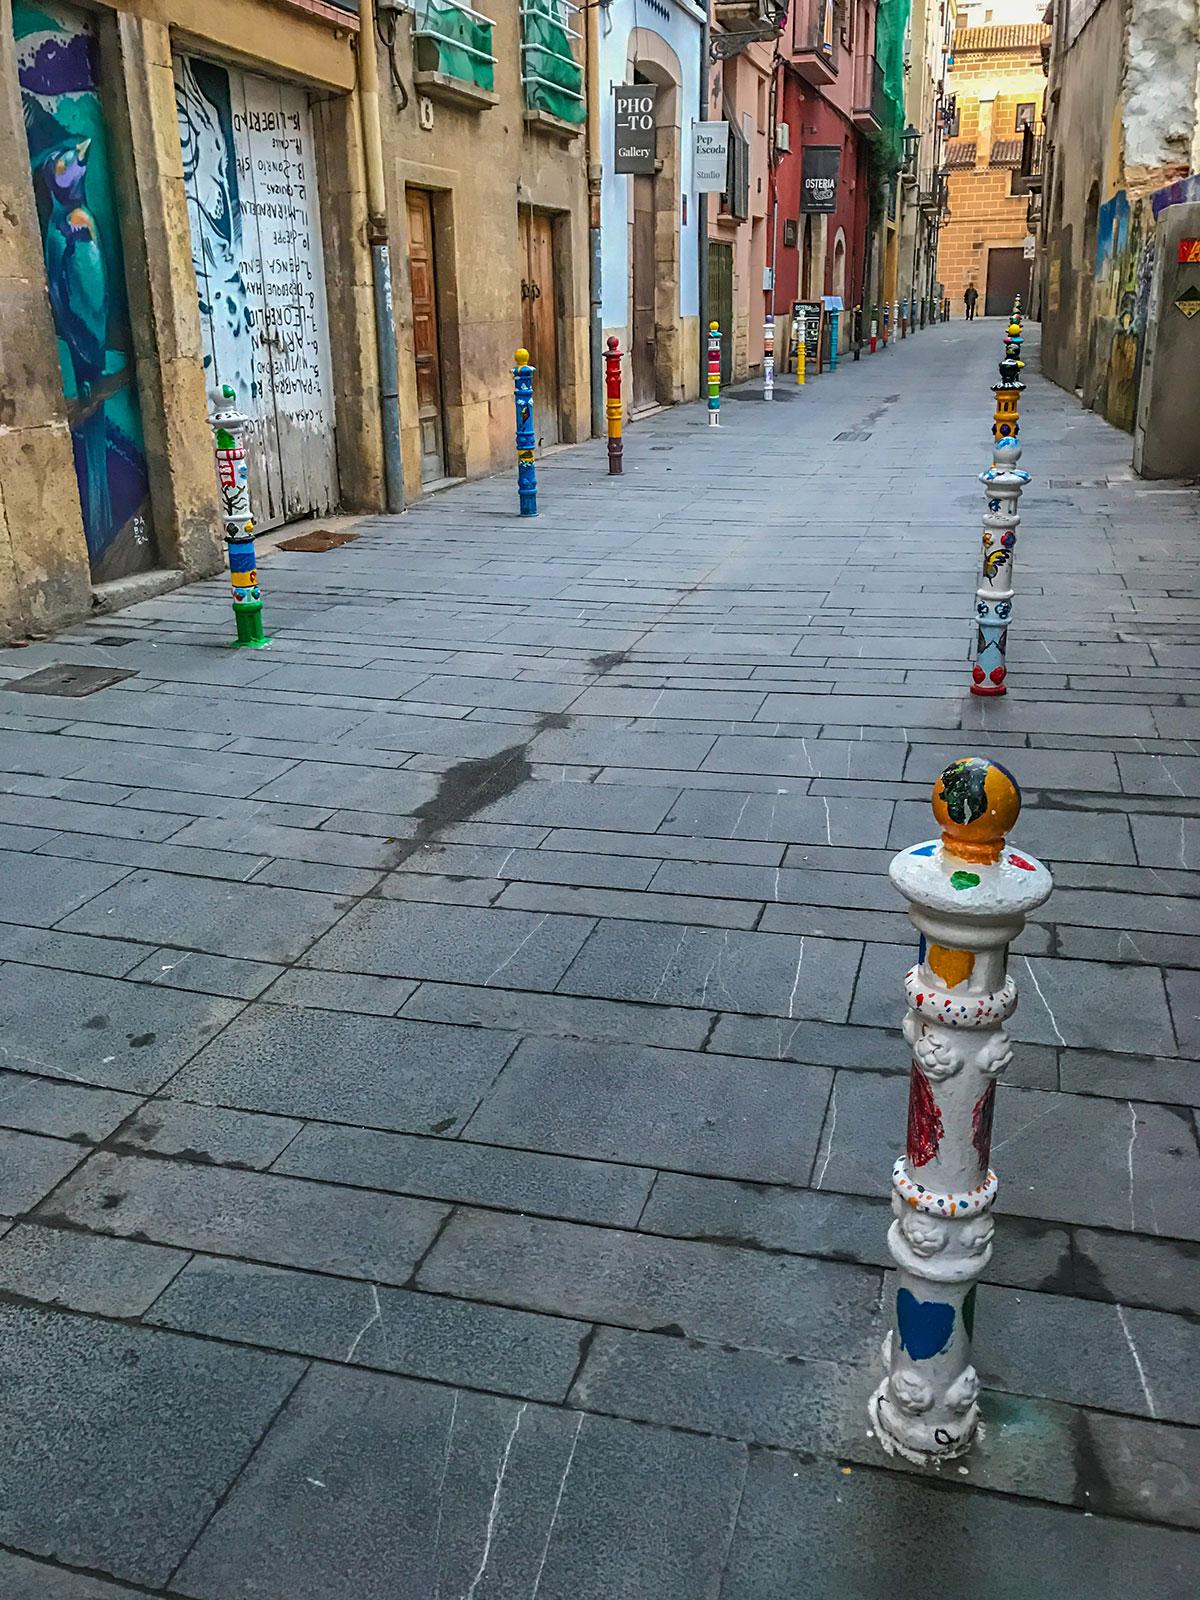 Spanien, Katalonien, Tarragona, Gasse mit bemalten Pfählen